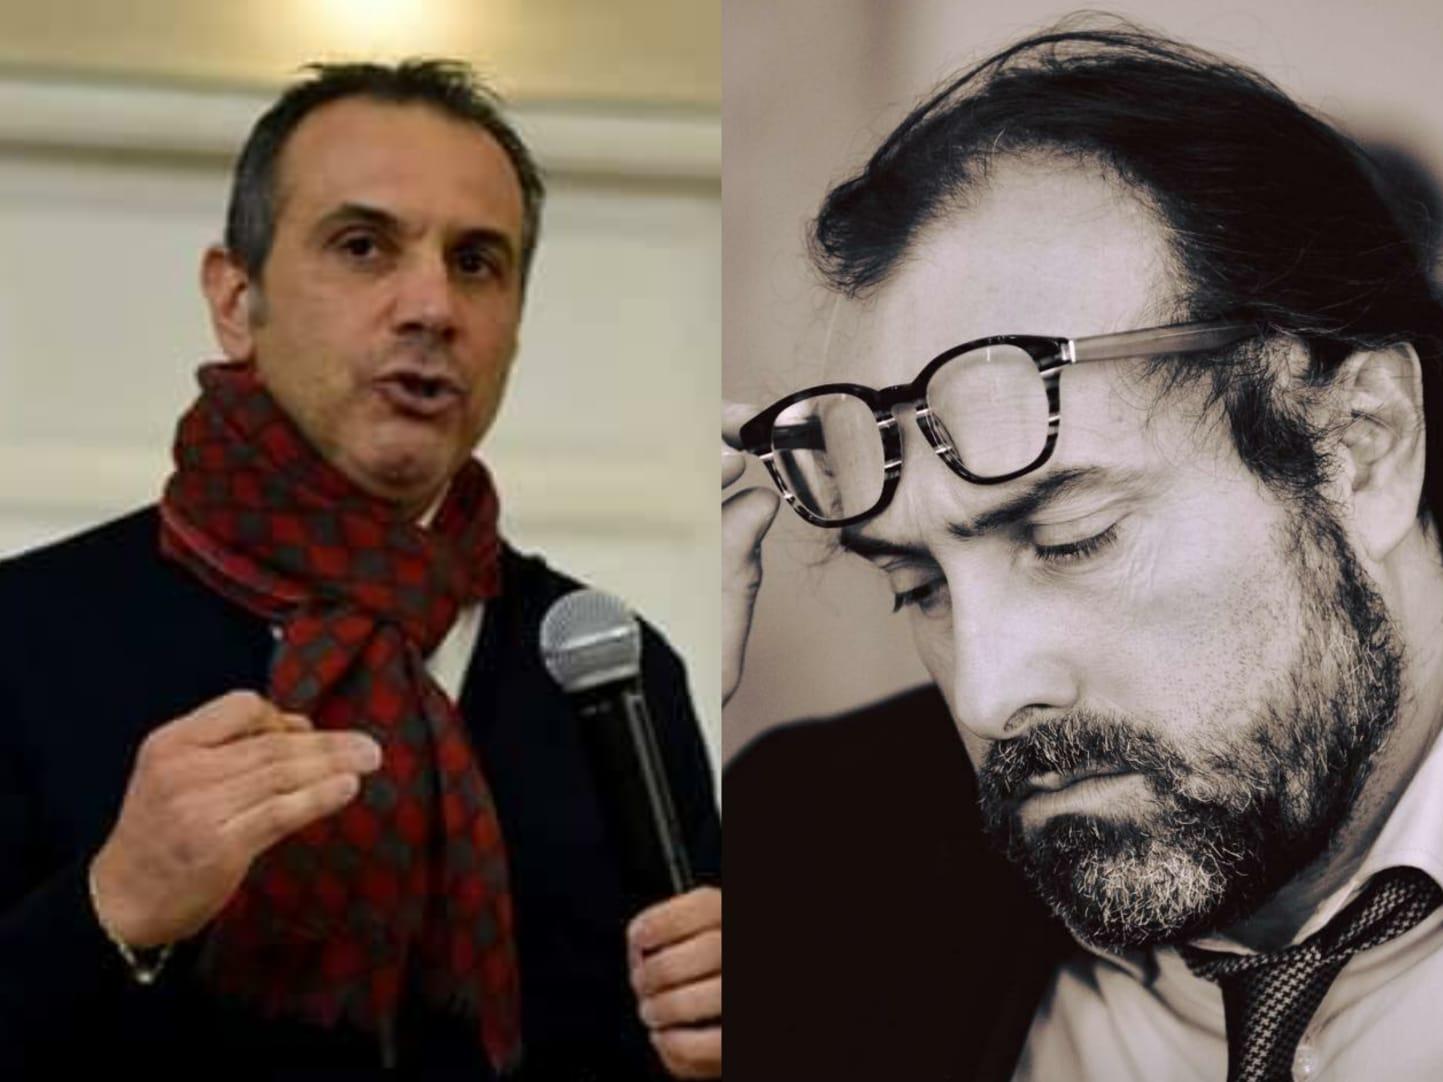 Massimiliano Carnevale e Fabio D'Achille, i protagonisti del caso Upper